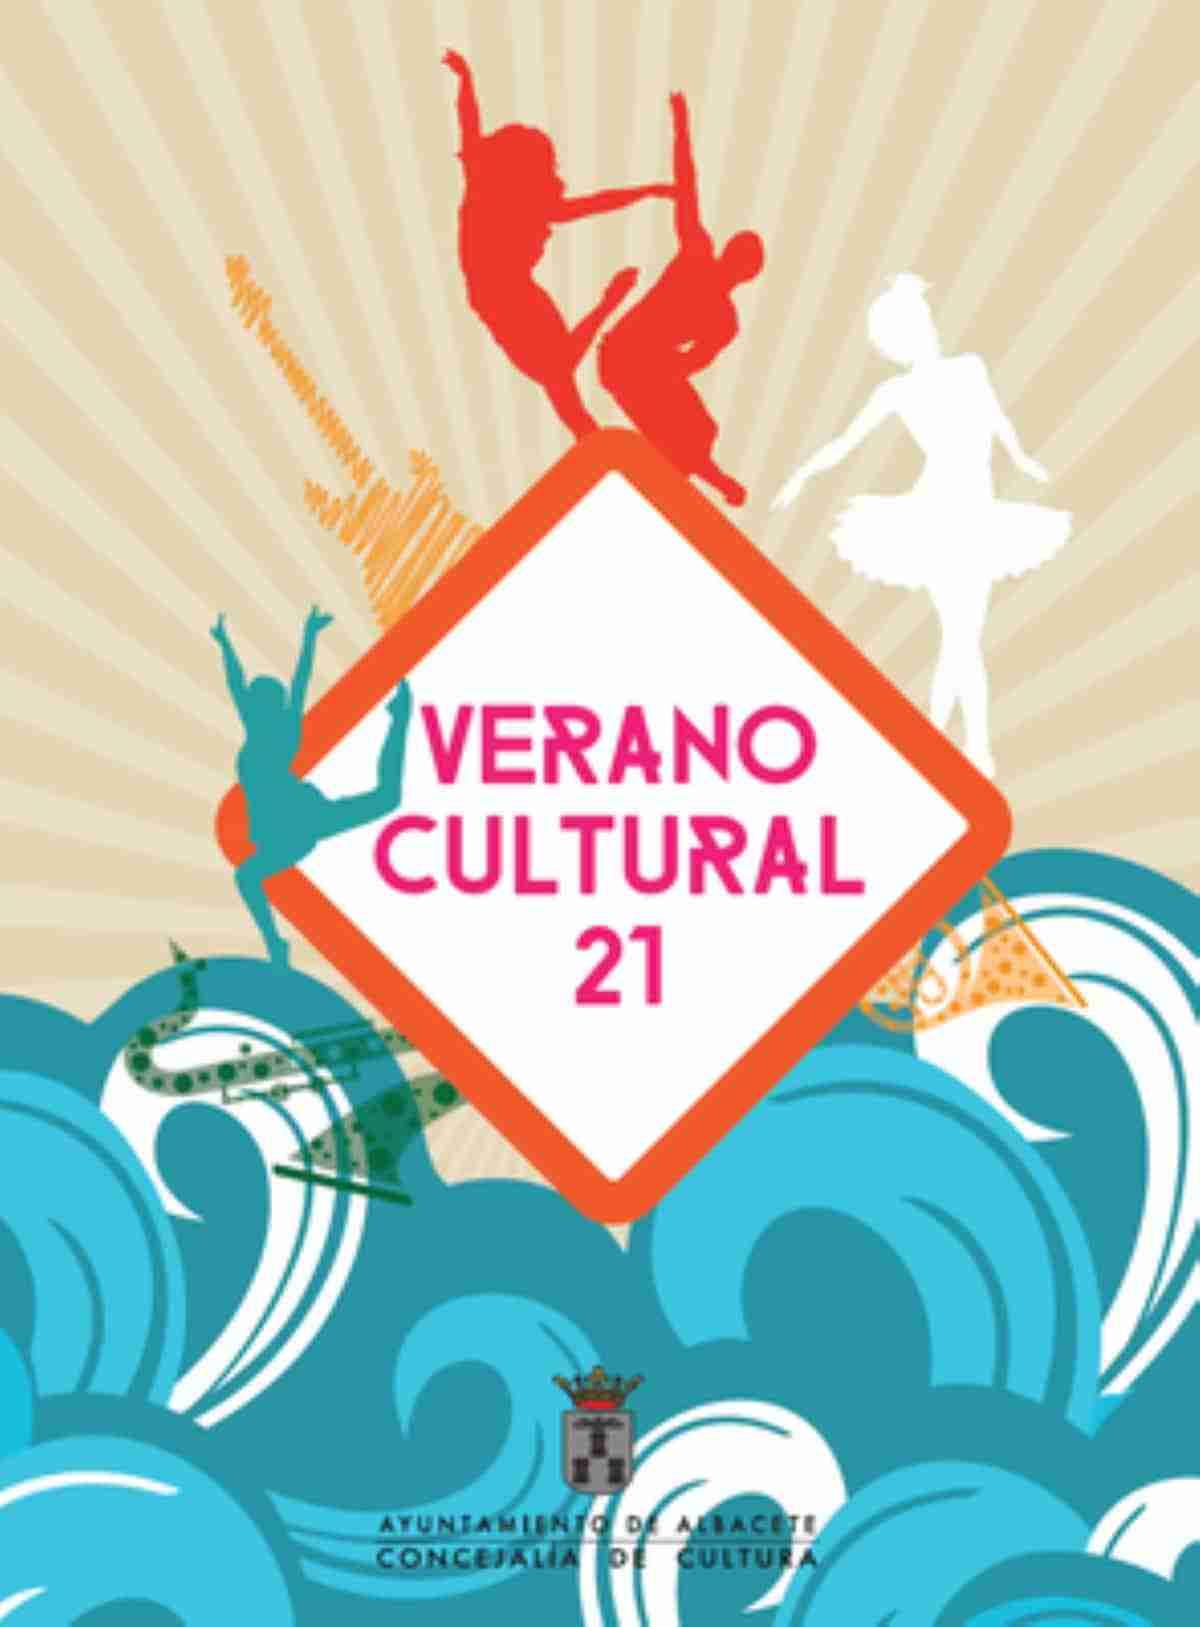 verano cultural 2021 albacete